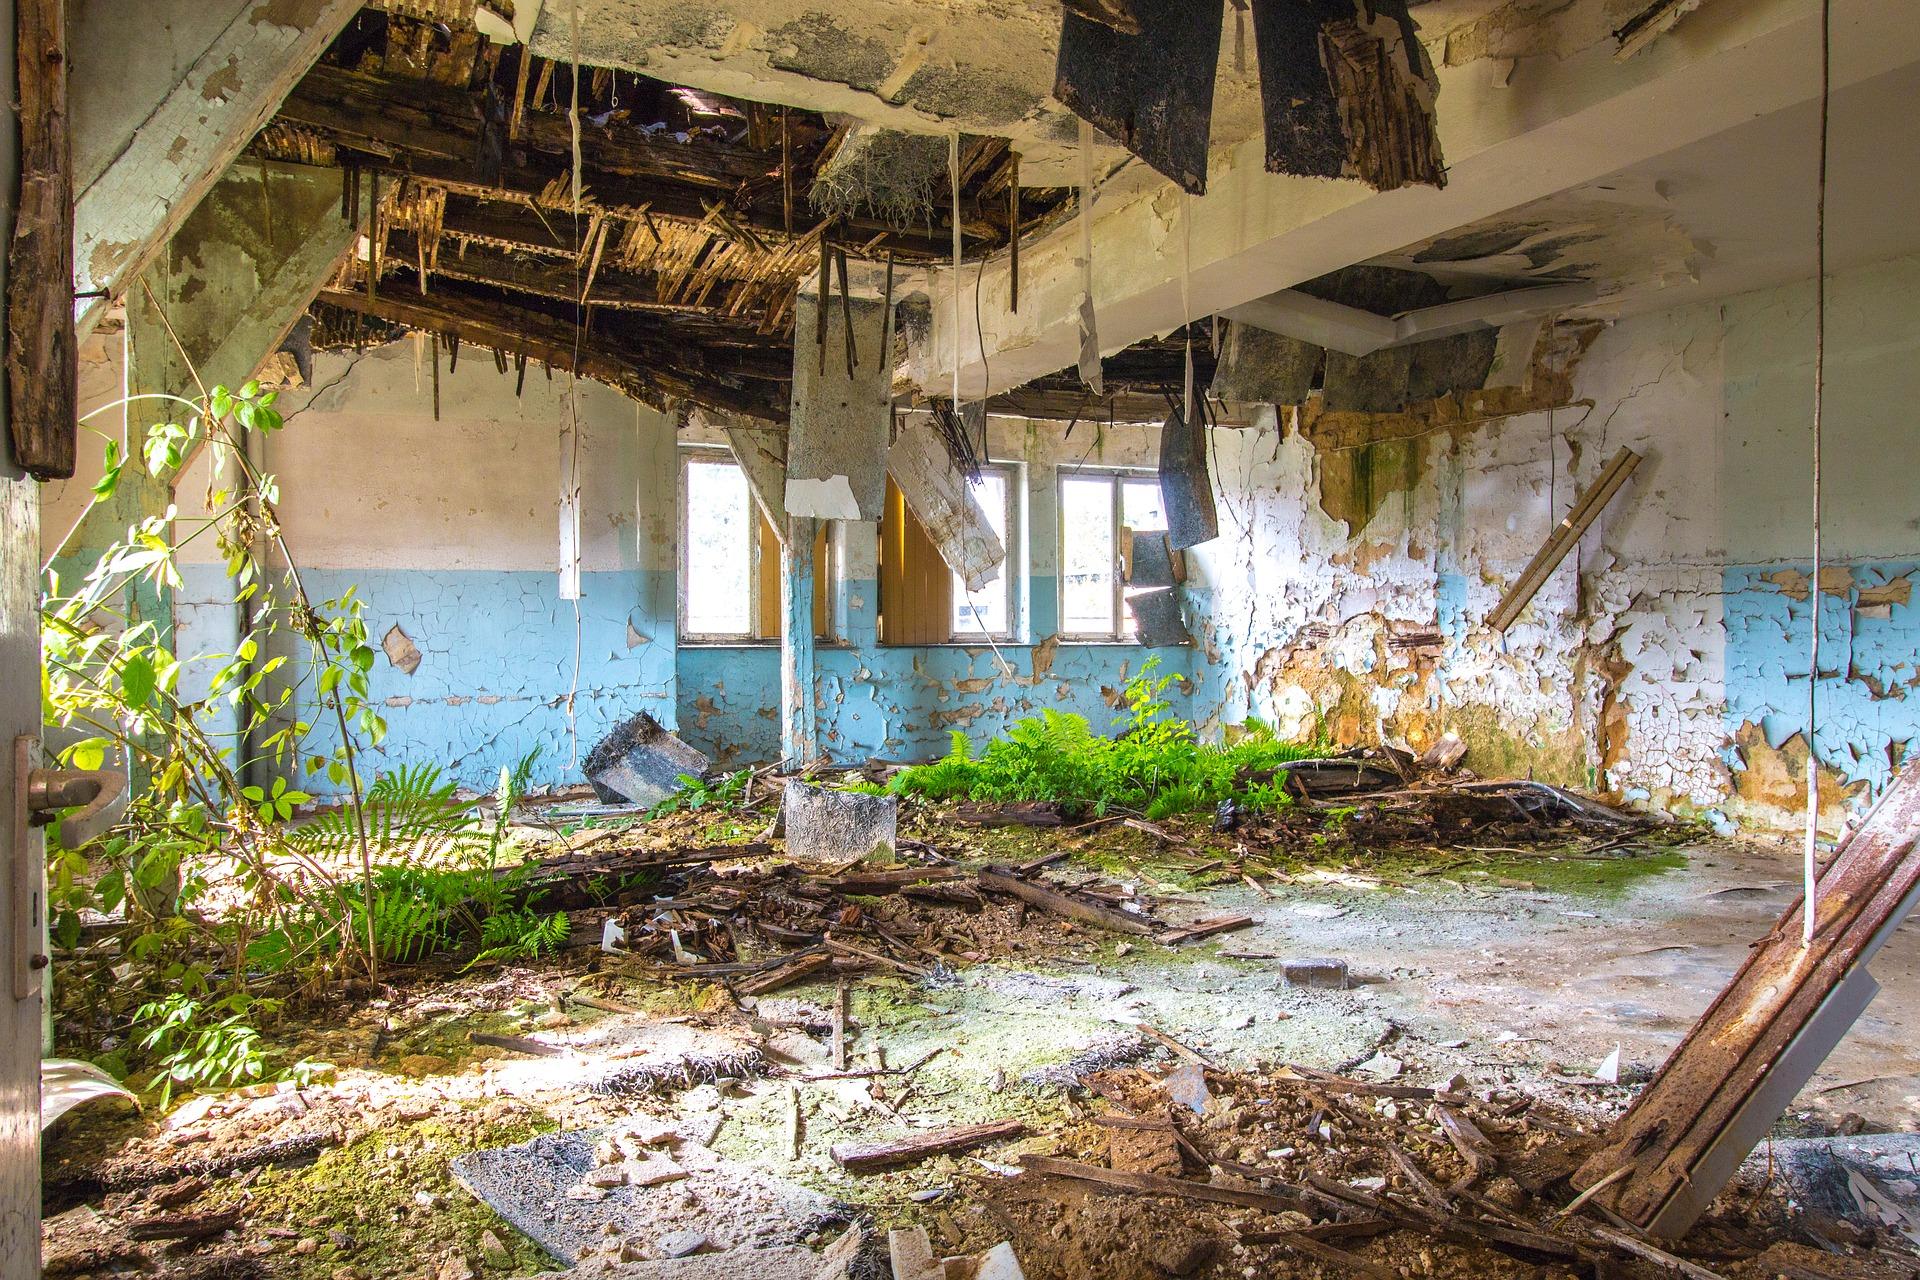 Abandoned place photo